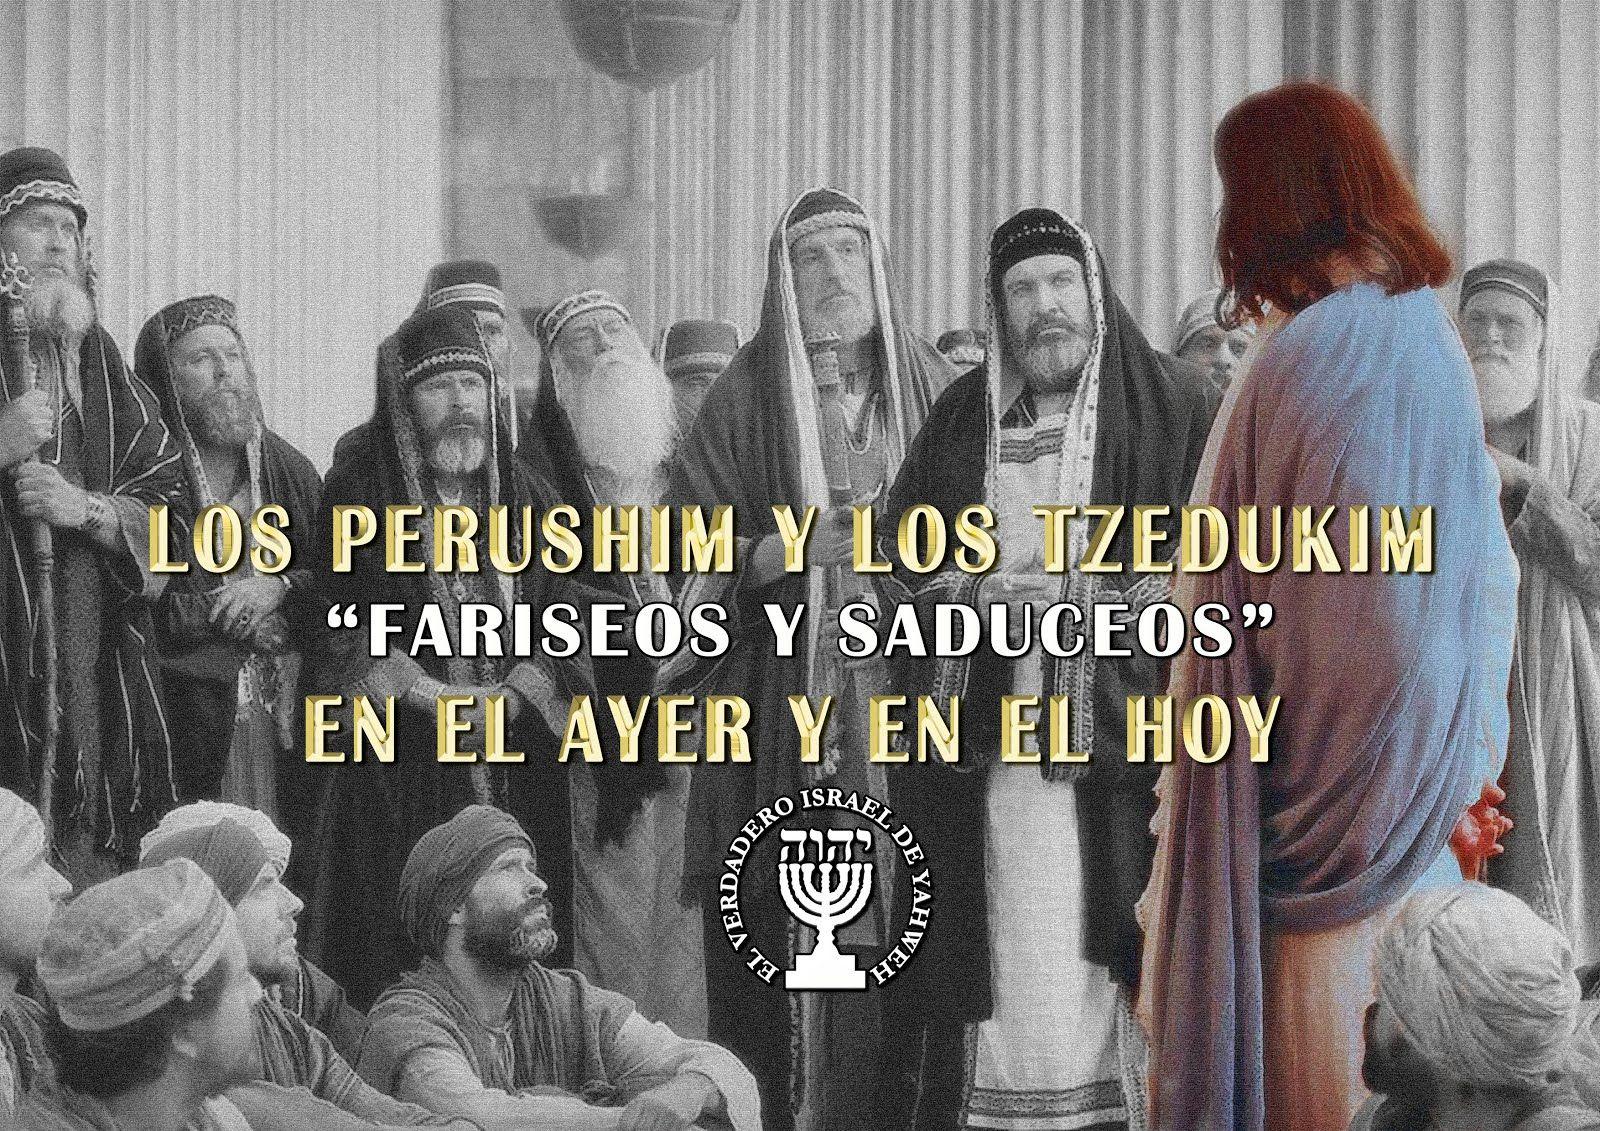 Fariseos Y Saduceos Ayer Y Hoy Con Imagenes Fariseos Libros